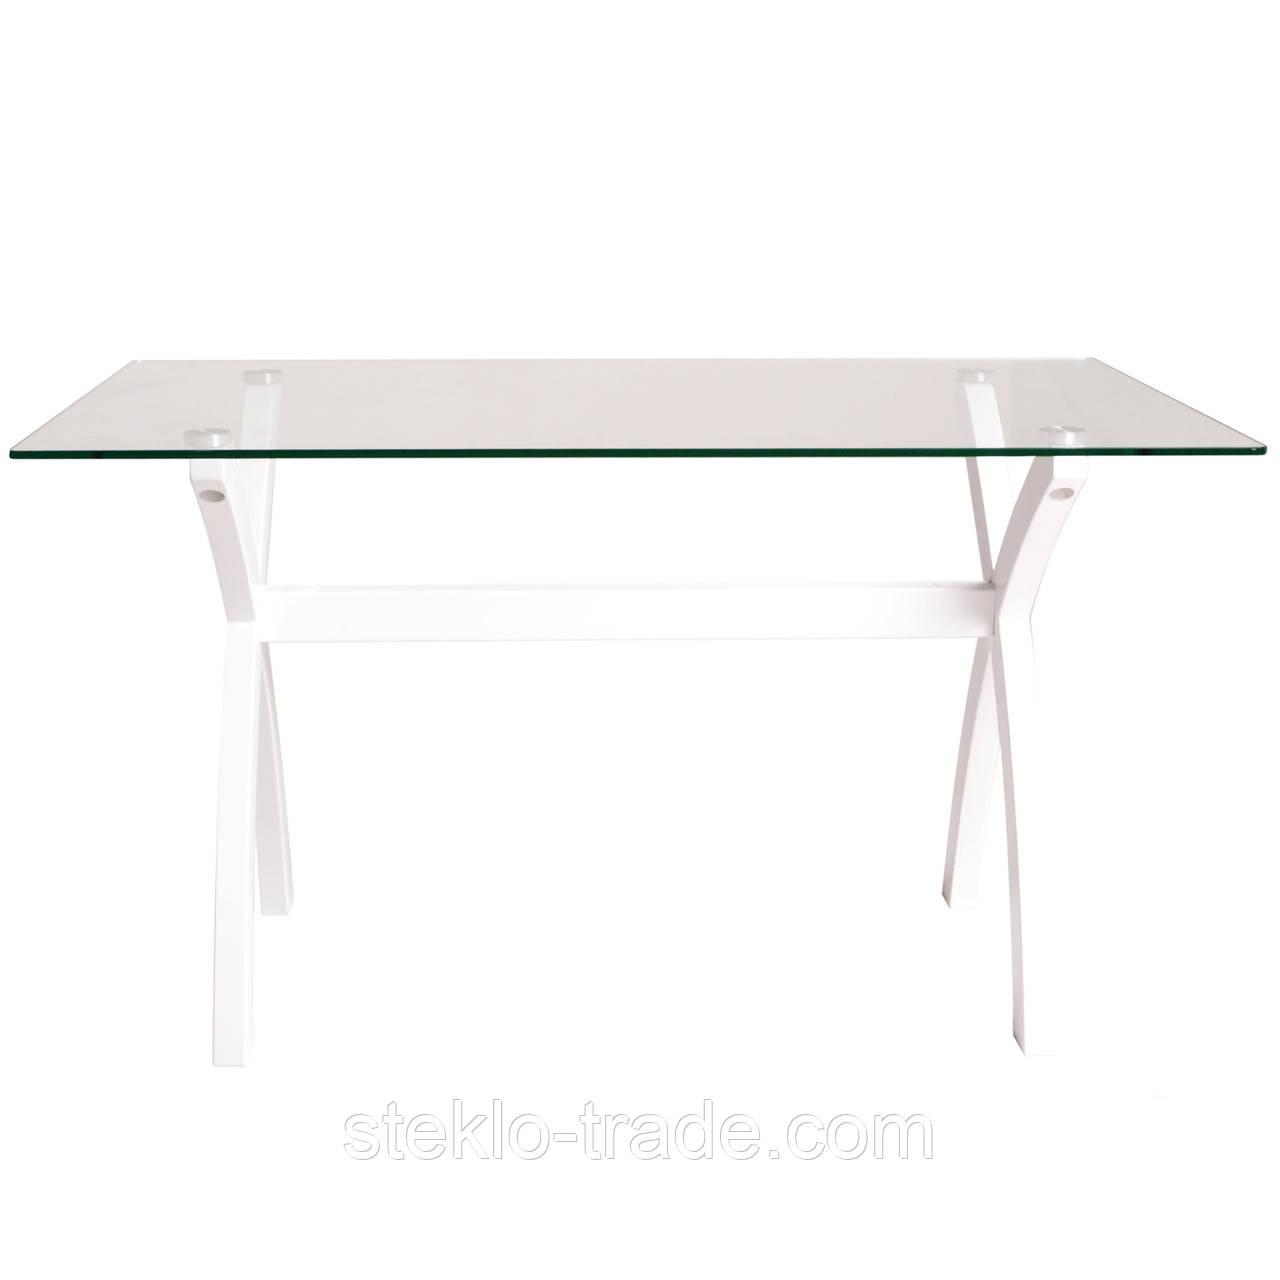 """Стол кухонный, гостиный, стеклянный """"Х-фактор 2 белый прозрачный"""""""